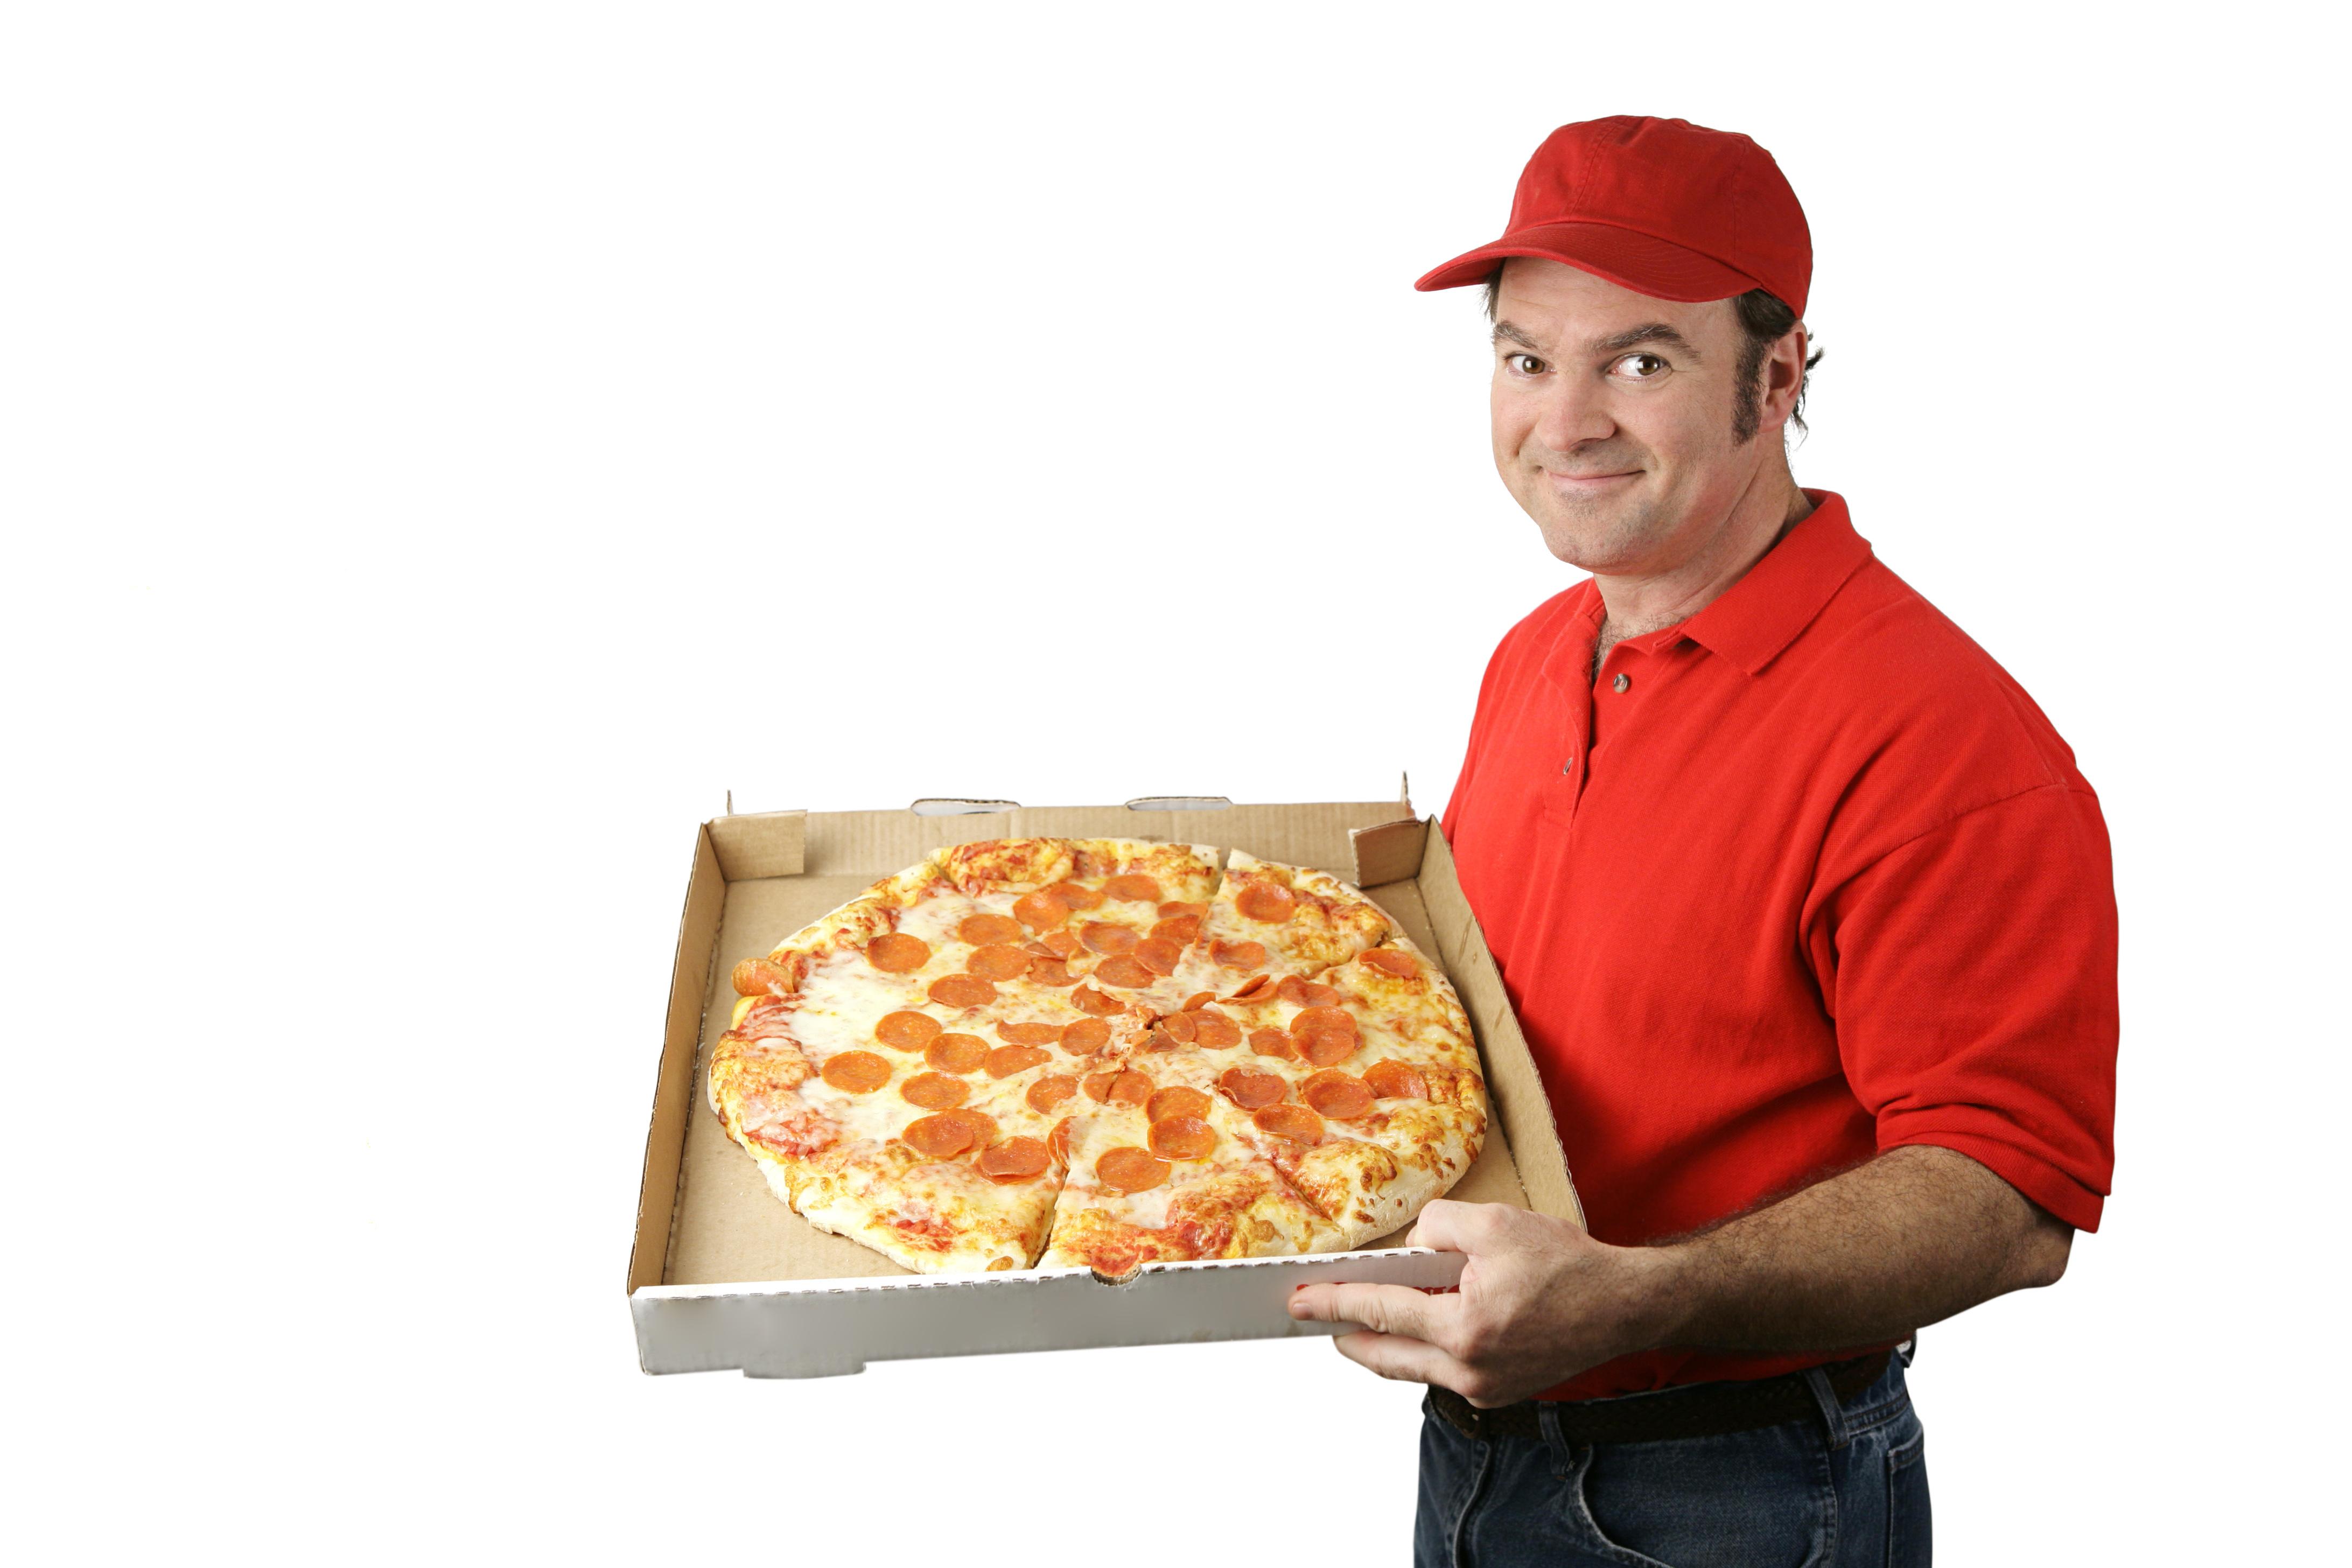 Почему круглую пиццу приносят в квадратных коробках